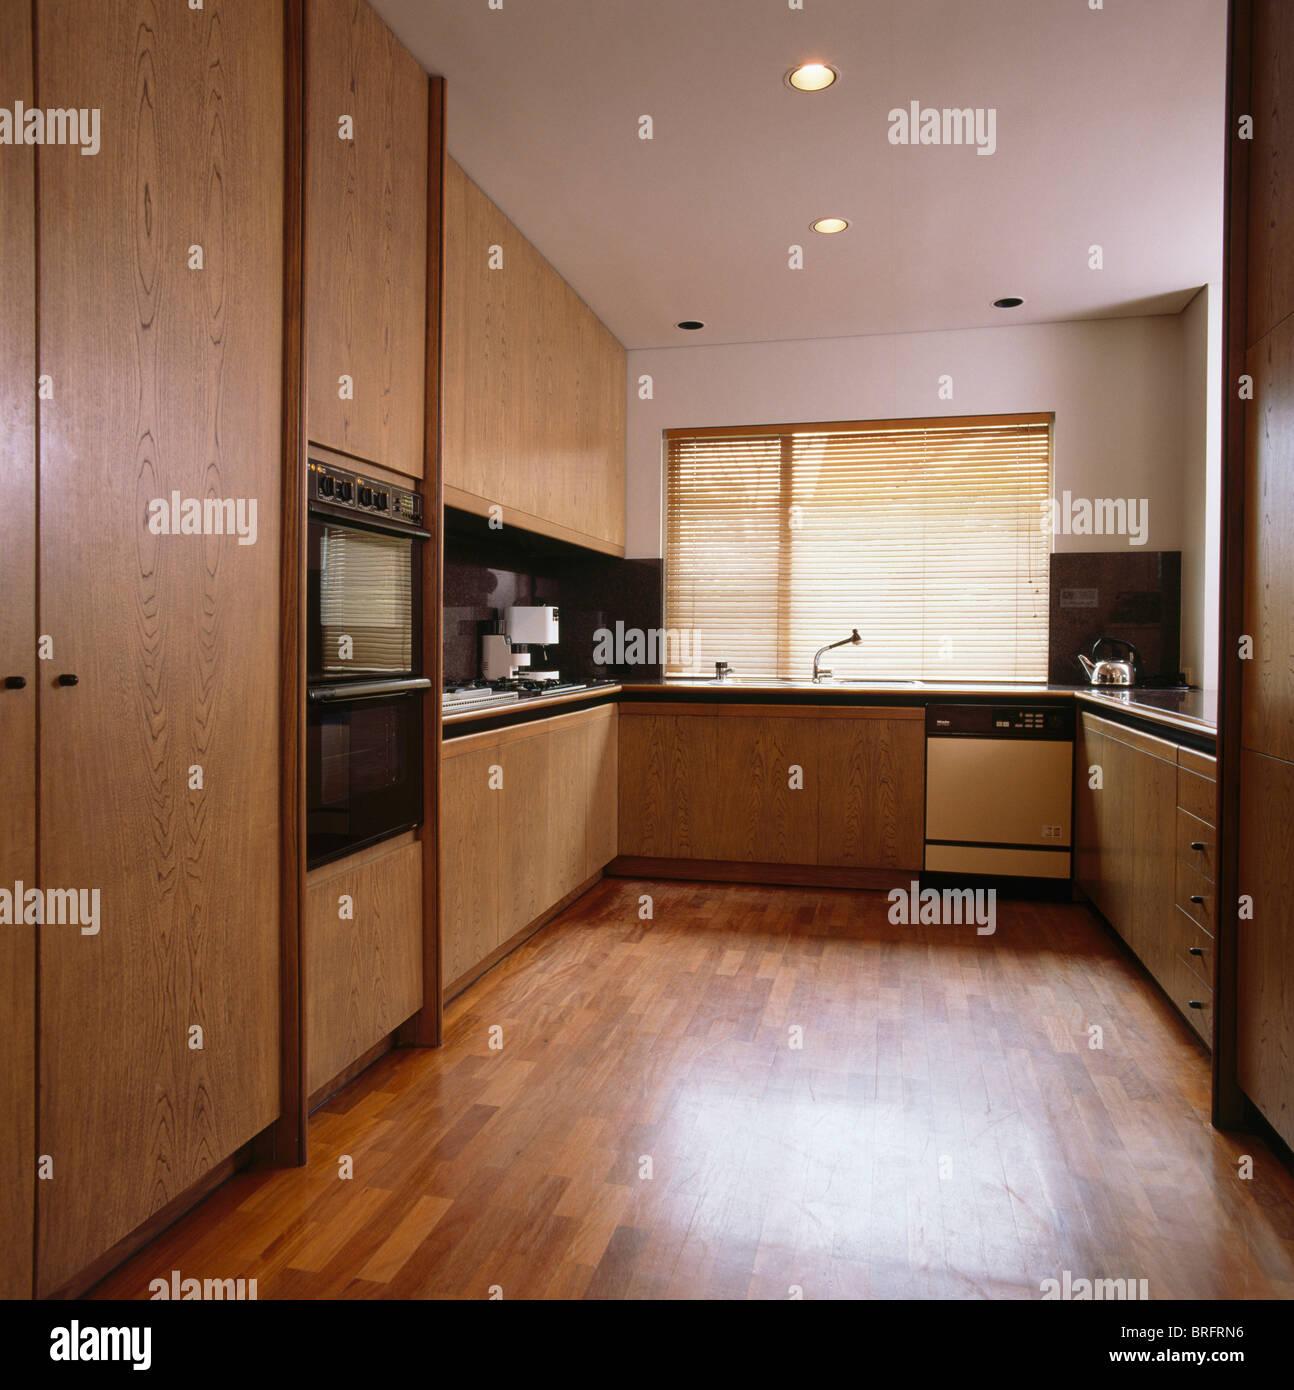 Holzboden Und Einbauschranke In Modernen Neutral Kuche Mit Holz